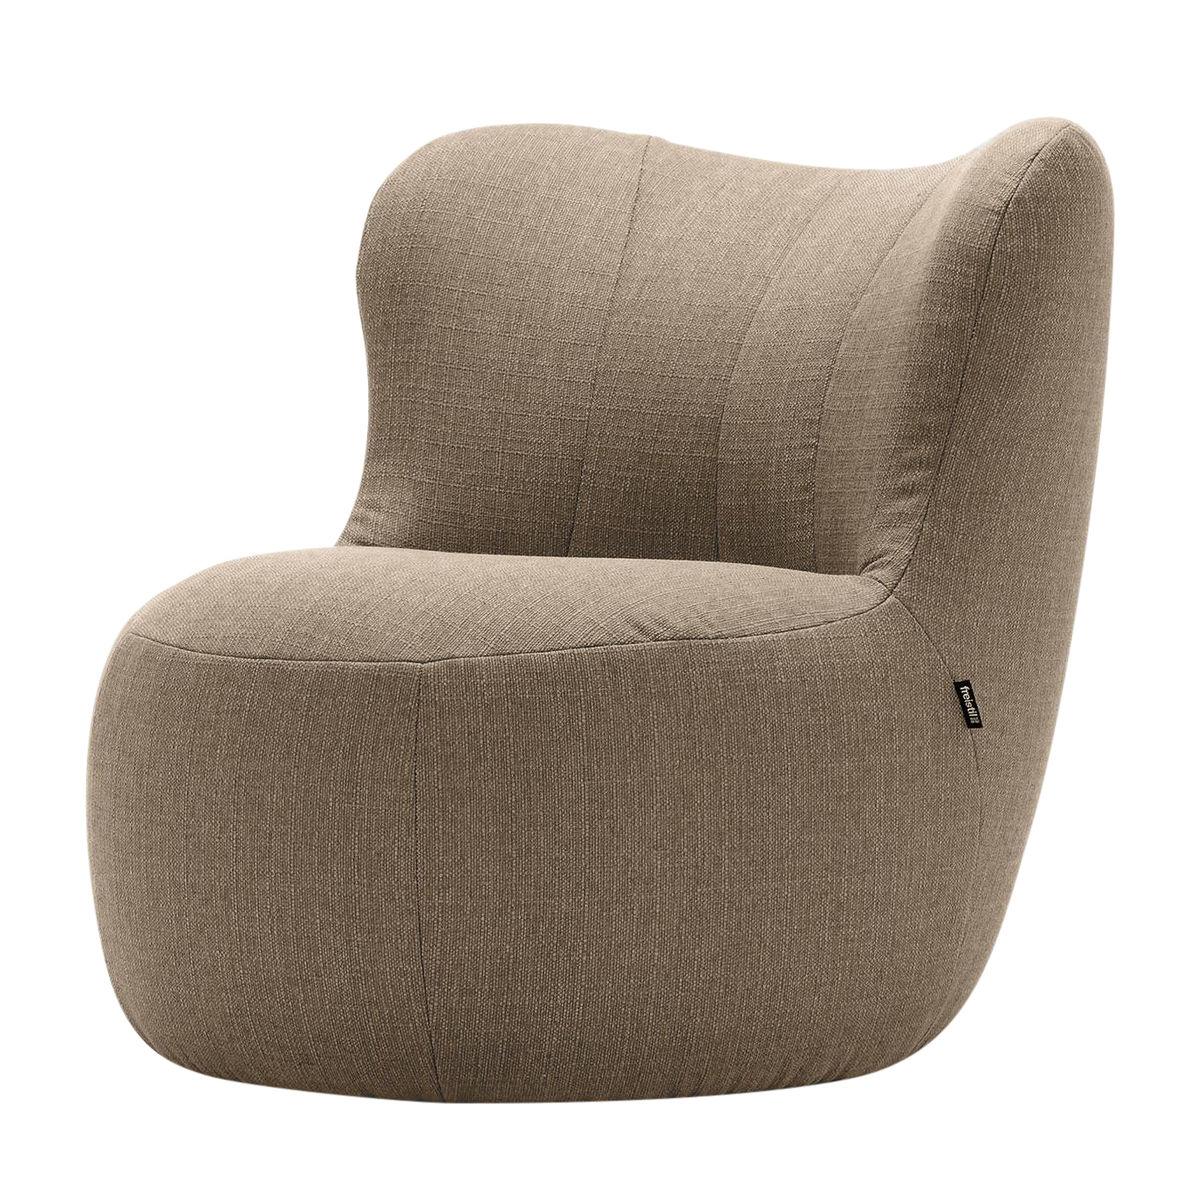 freistil 173 armchair freistil rolf benz. Black Bedroom Furniture Sets. Home Design Ideas